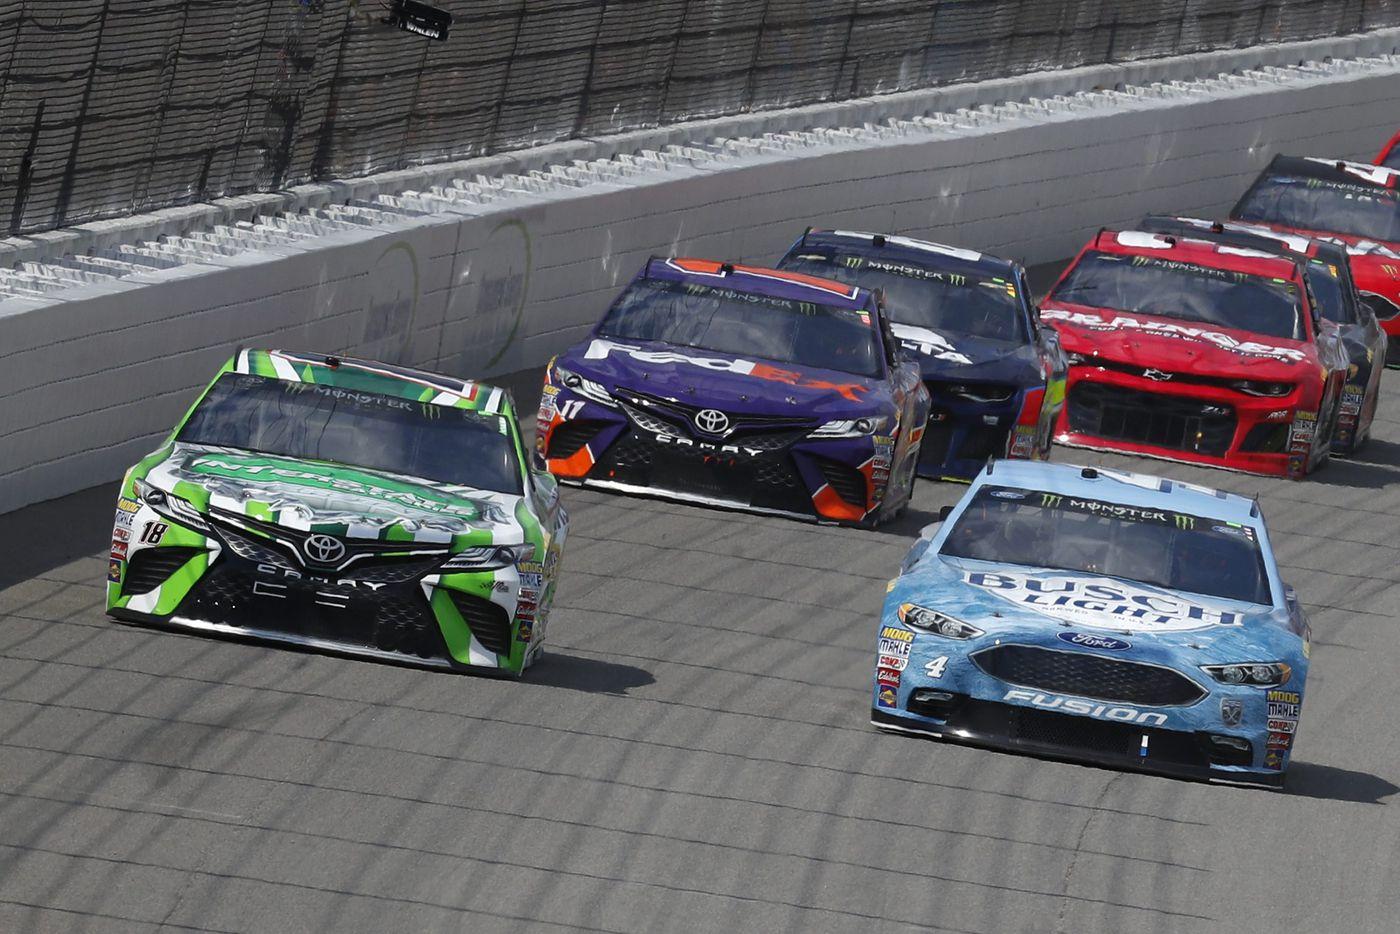 NASCAR's Monster Energy Series speeds to end of regular season